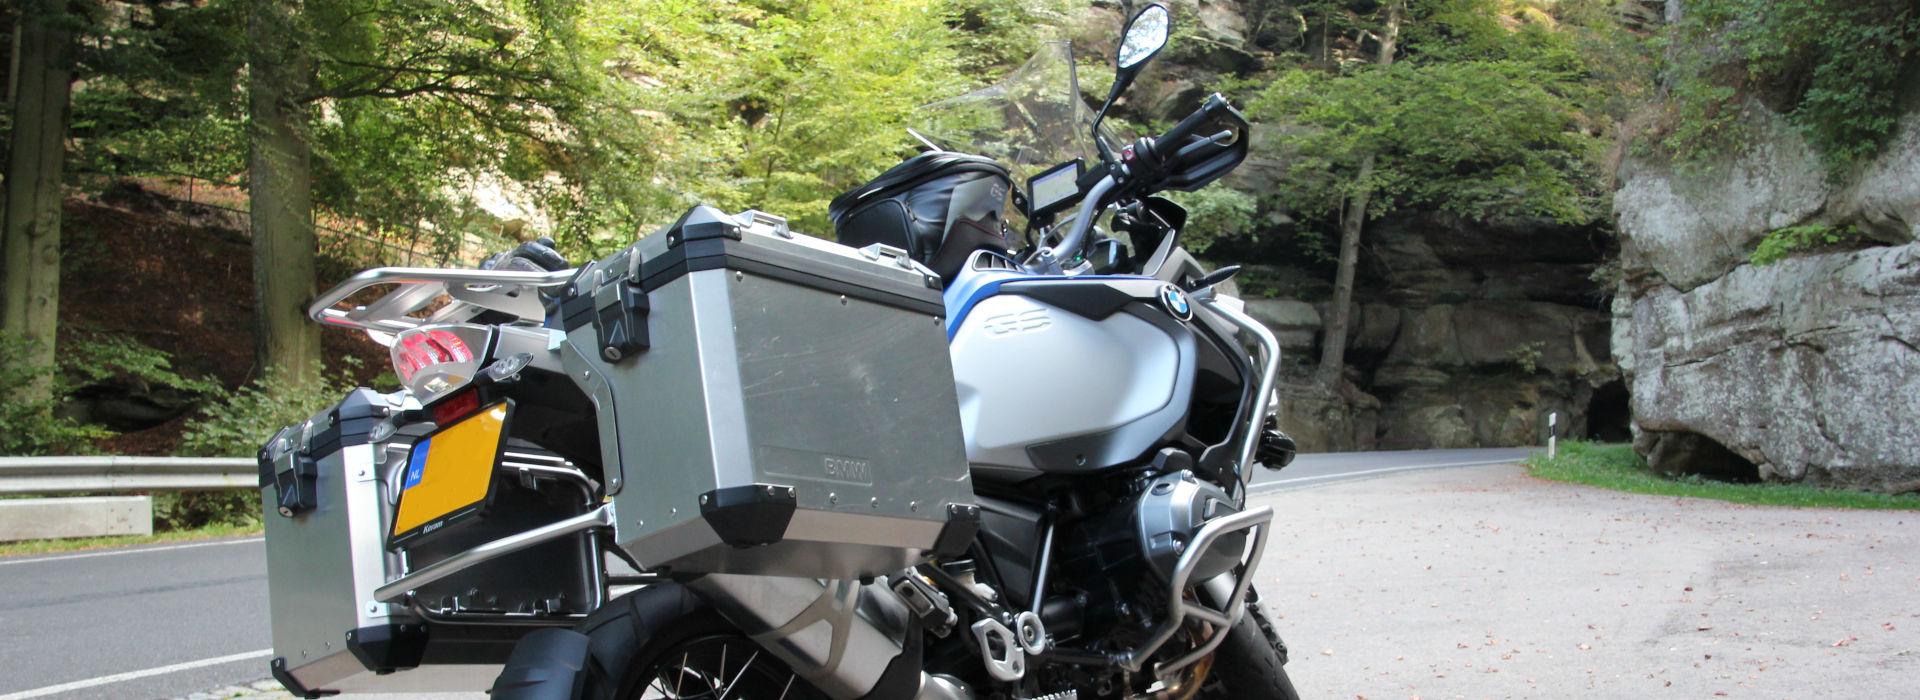 Motorrijbewijspoint Nuinhem motorrijlessen